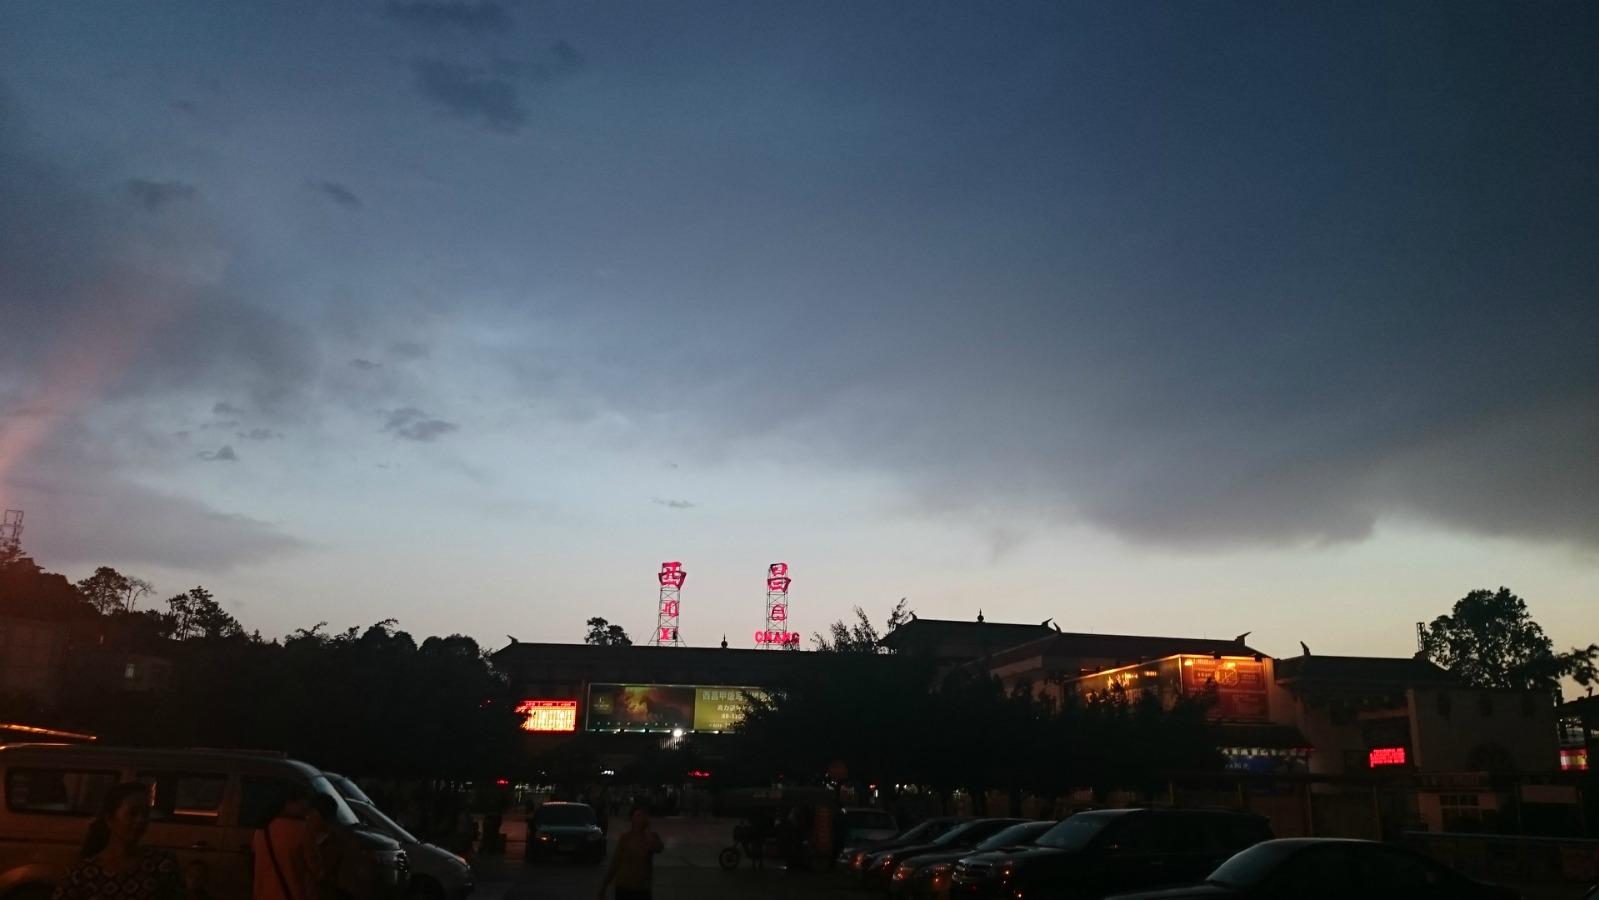 如果到达西昌的火车是早上5点16和6点19 ,到哪里坐到泸沽湖的班